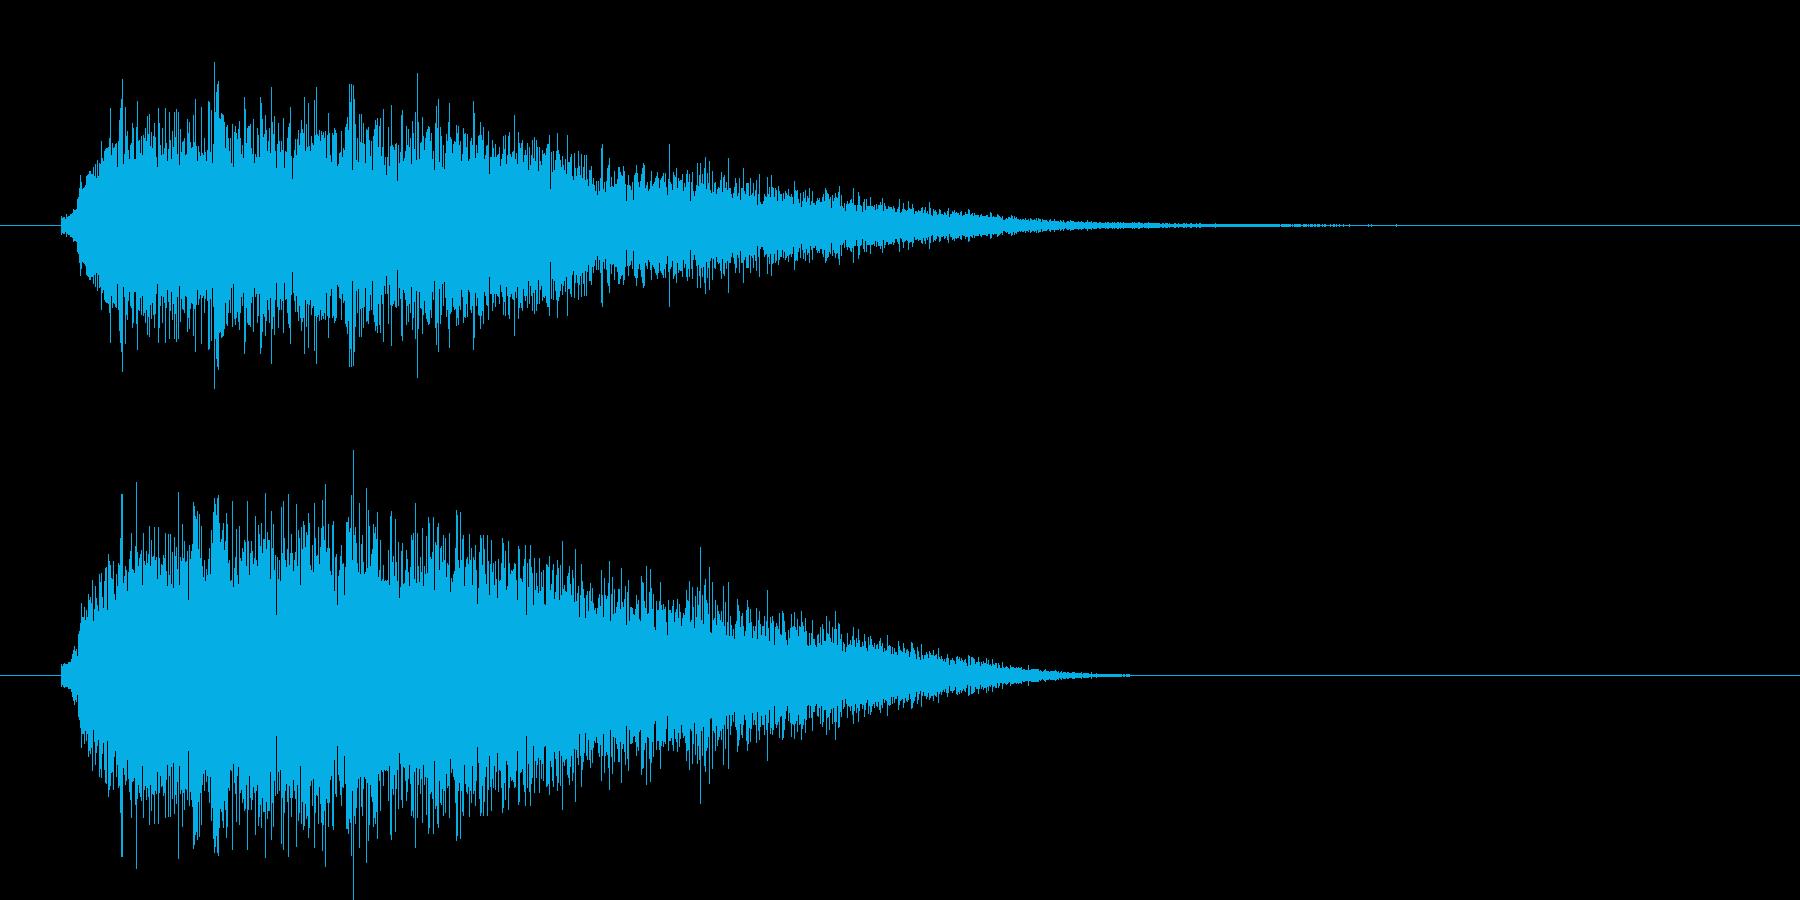 ビーム砲(宇宙に響く)の再生済みの波形